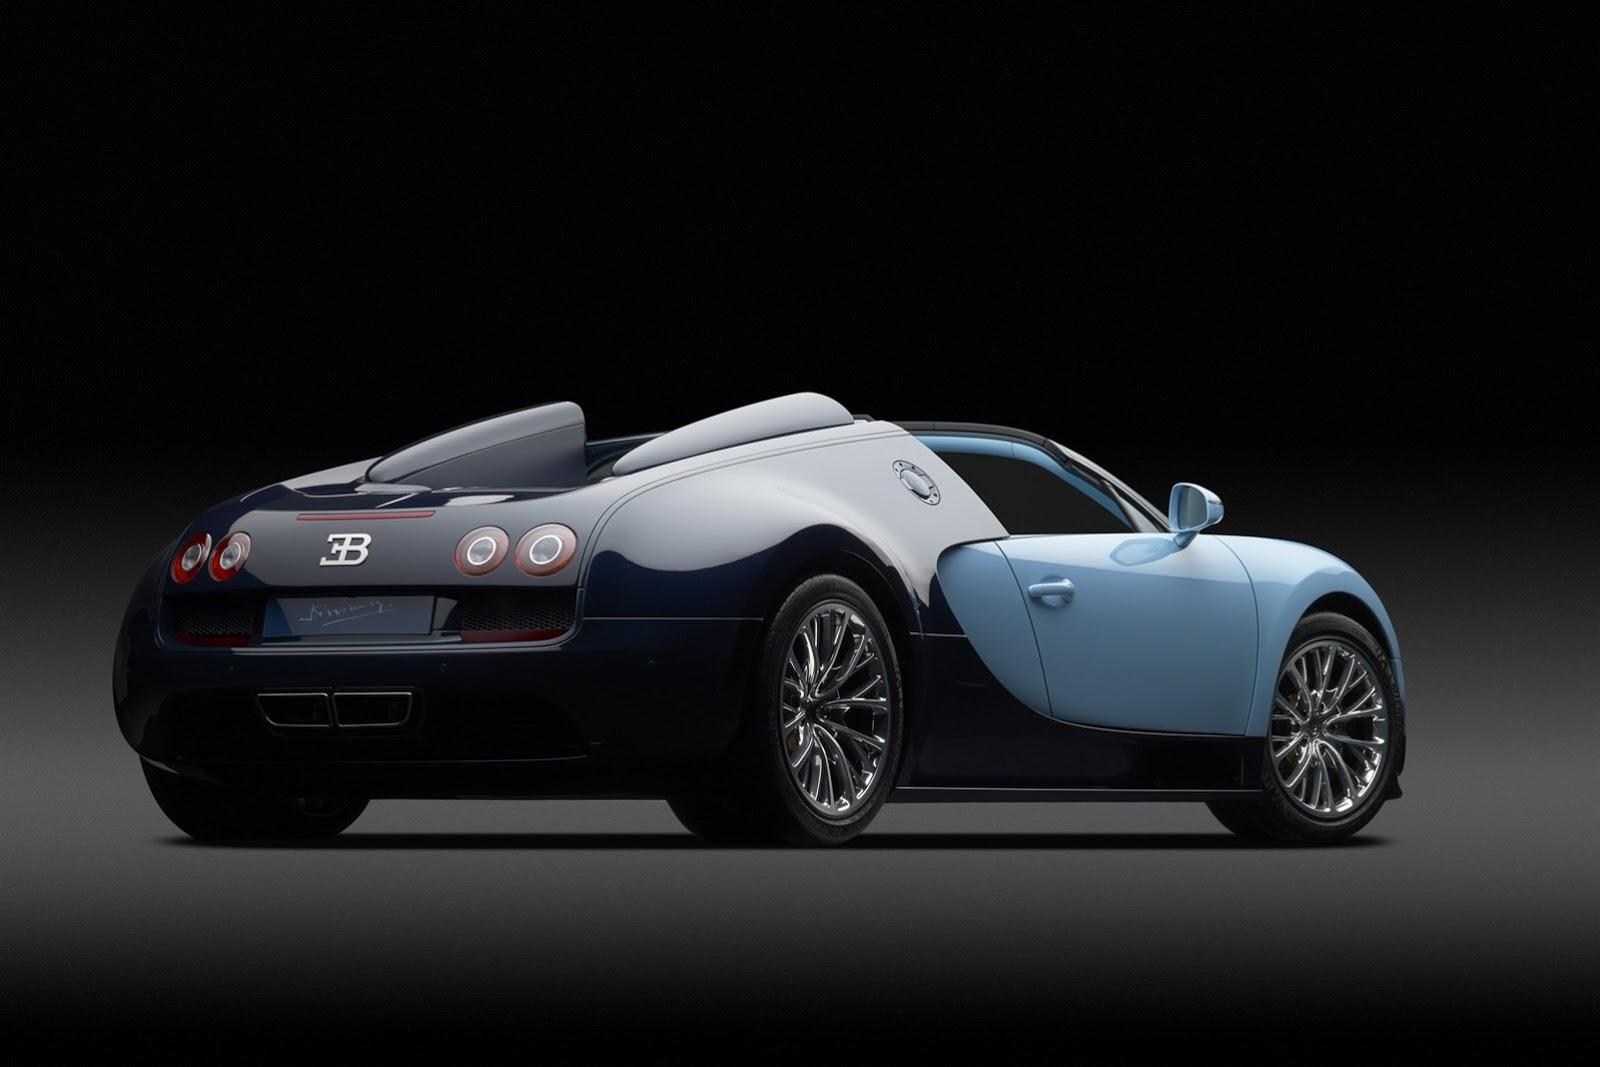 bugatti veyron 16 4 grand sport vitesse jean pierre wilmille 2013 bugatti autopareri. Black Bedroom Furniture Sets. Home Design Ideas